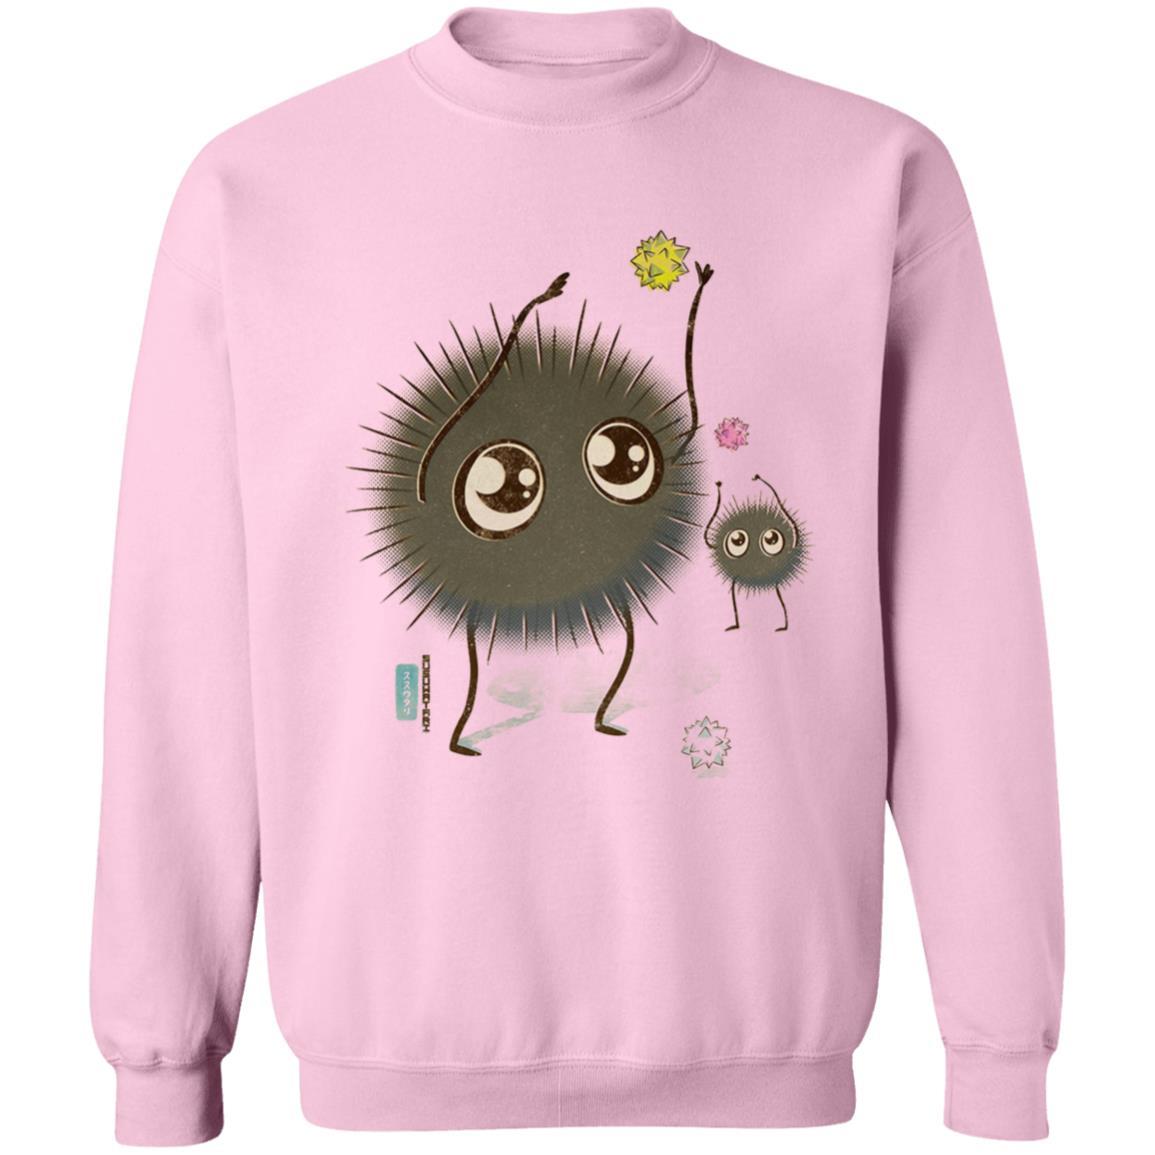 Spirited Away – Soot Spirit Chibi Sweatshirt